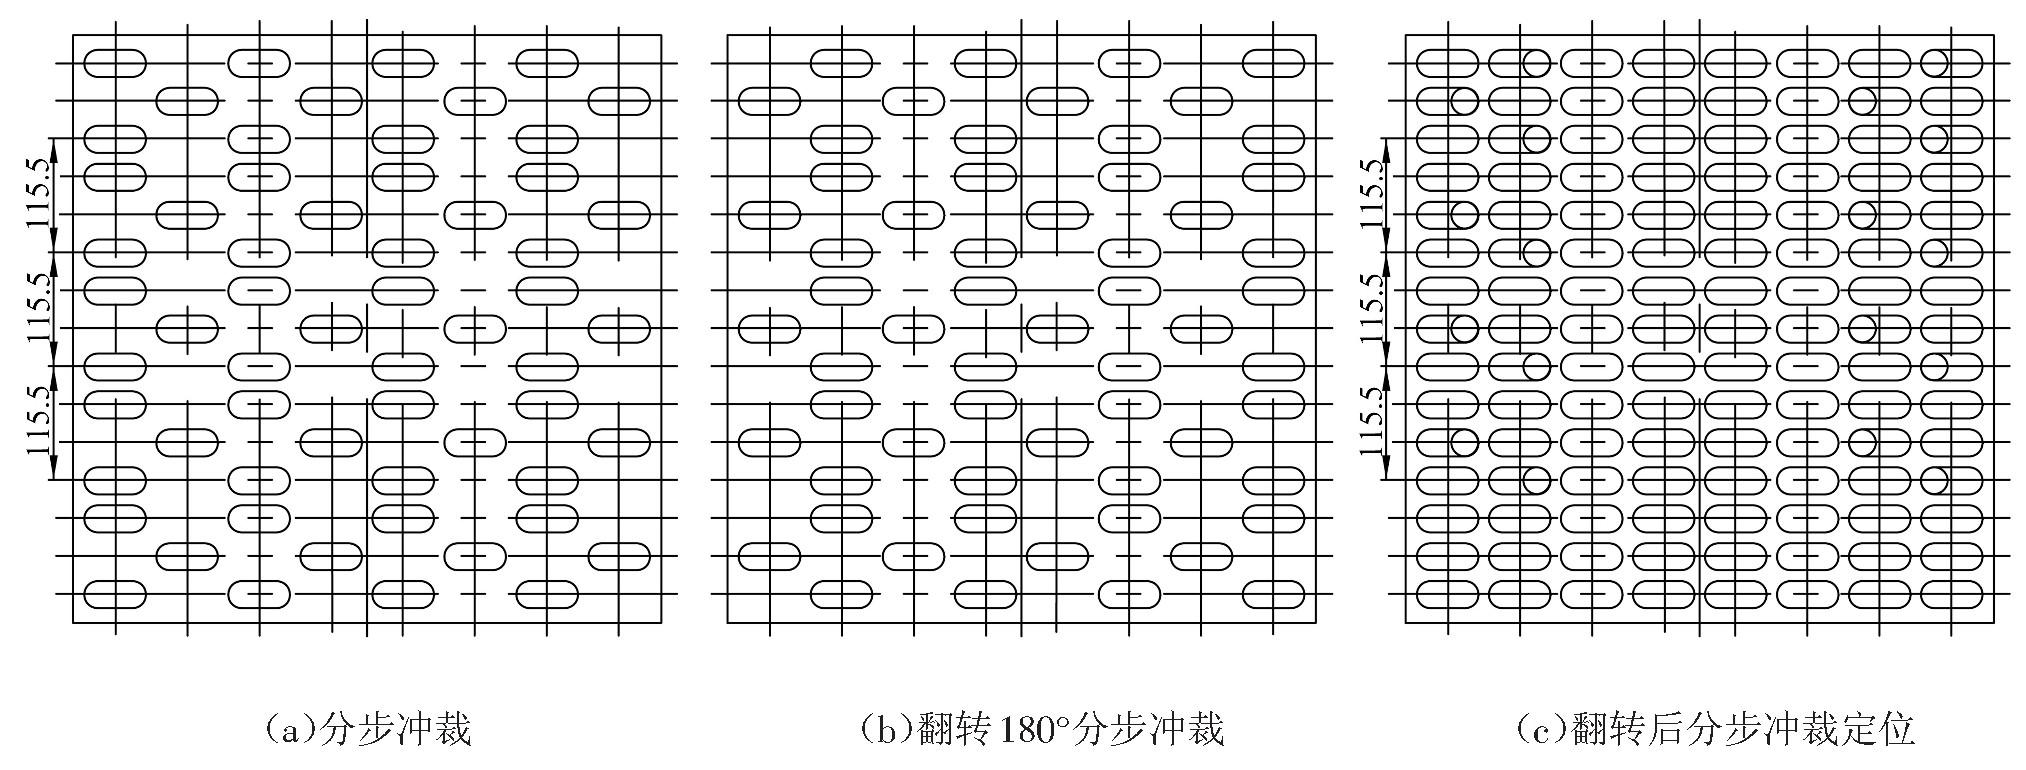 图2 分步冲裁工序